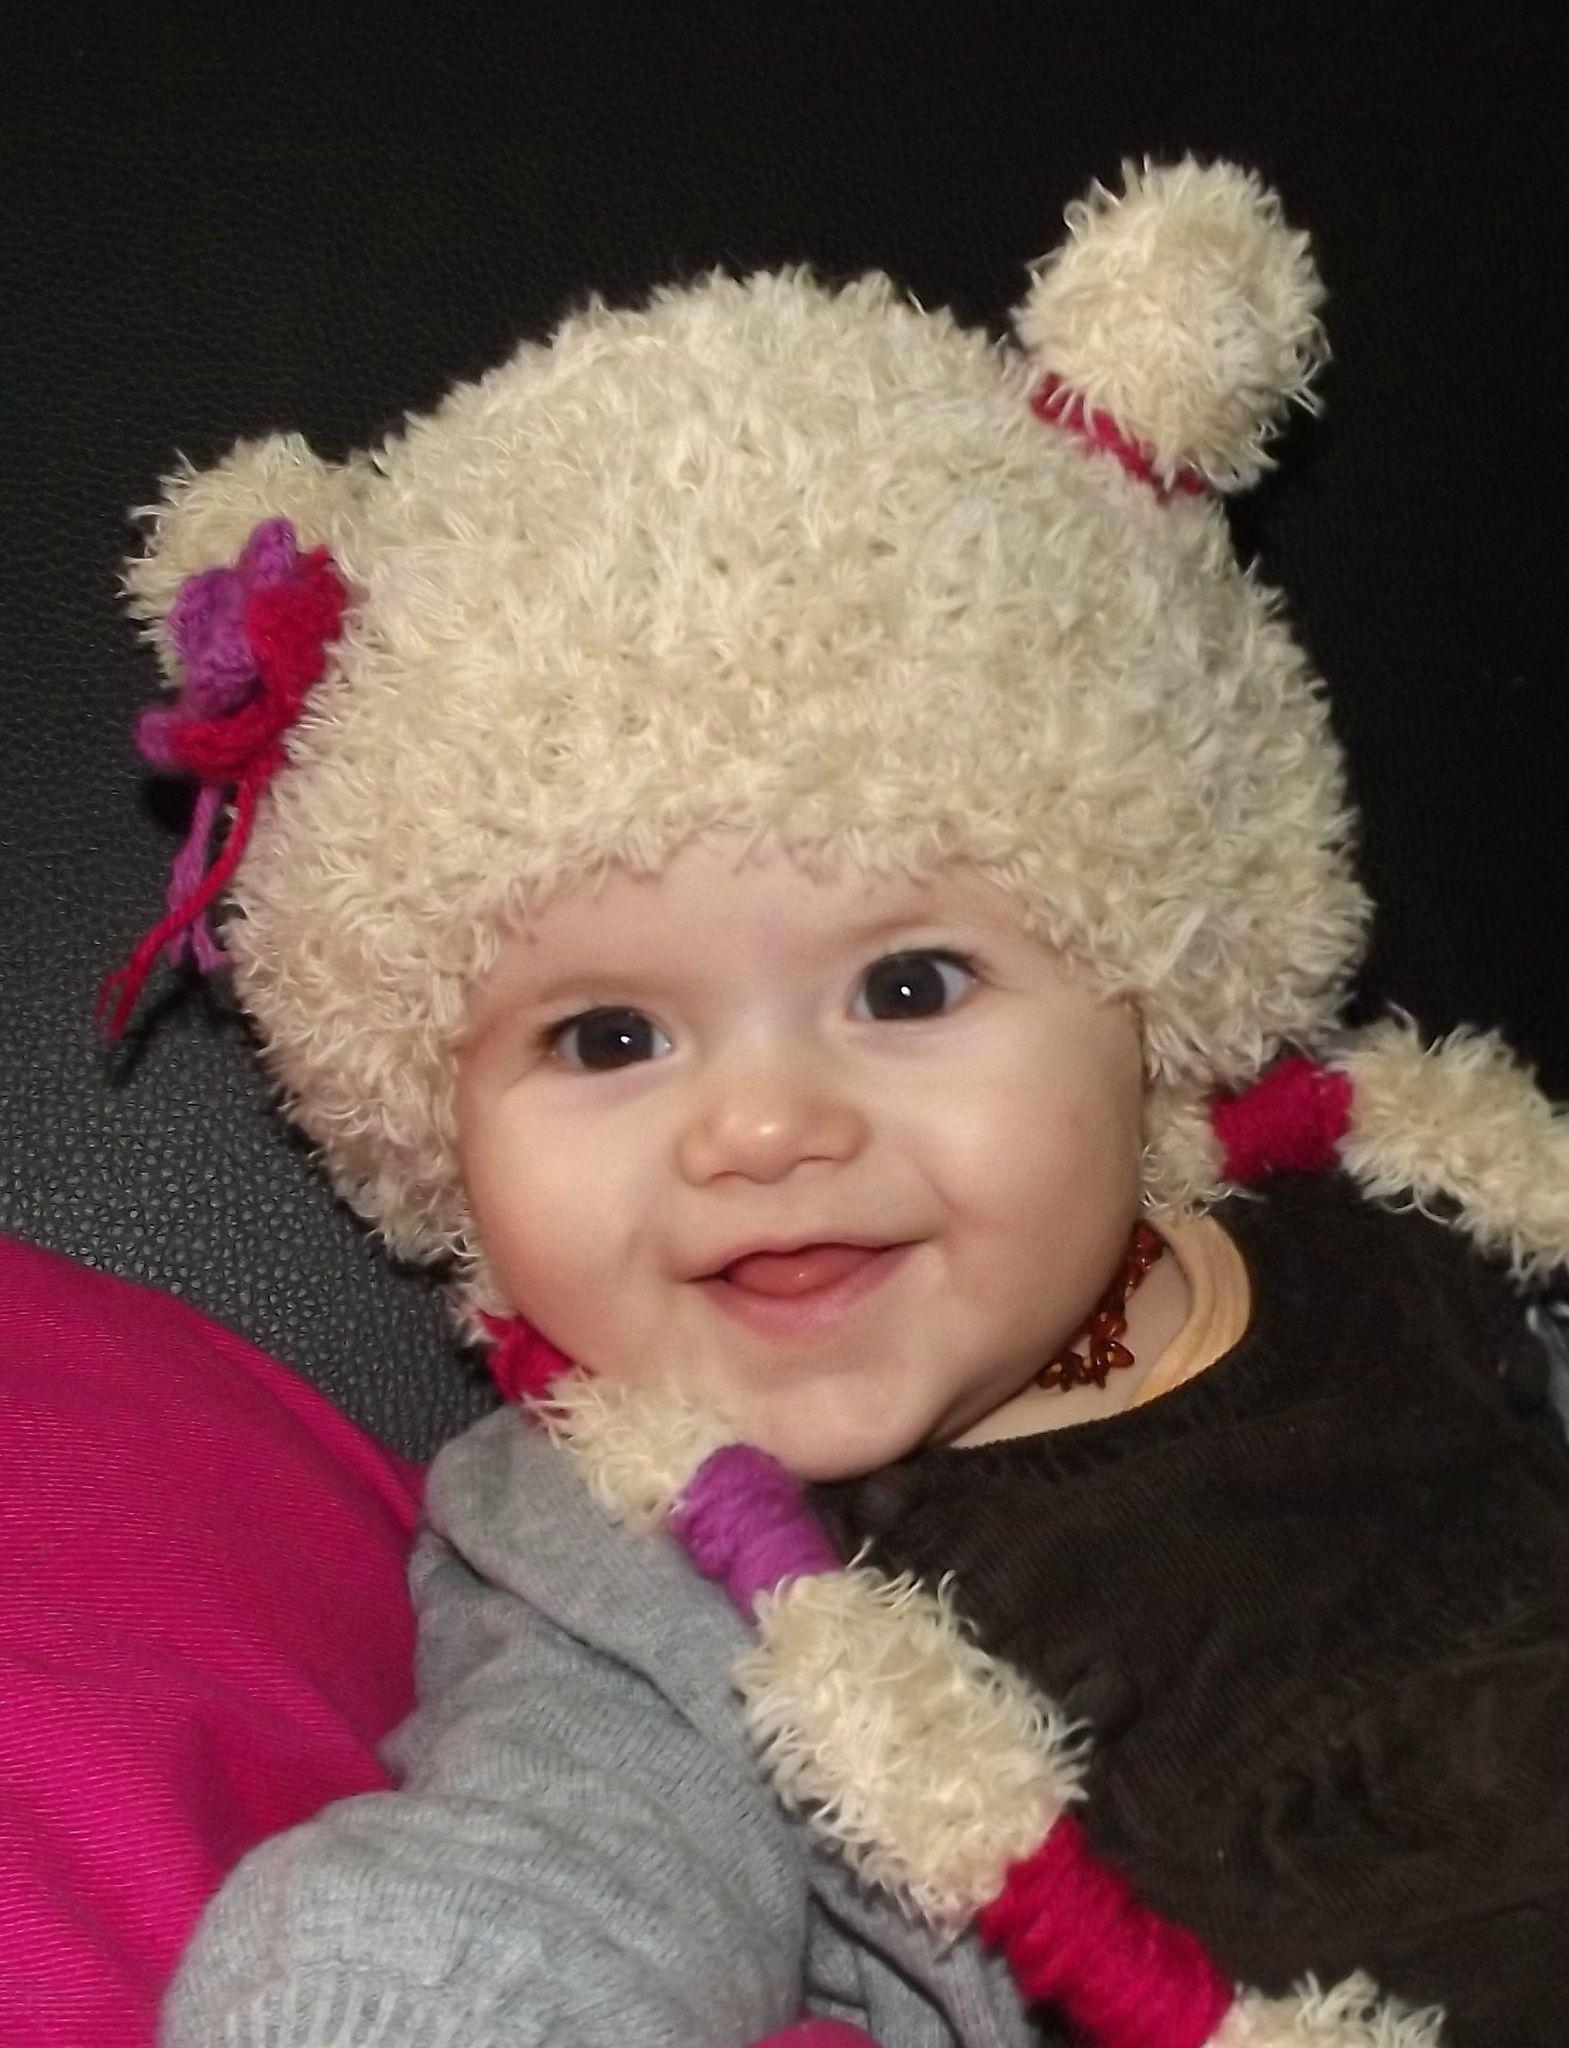 ddb828f53a2 Tricot bonnet bébé phildar - Modèle de tricot gratuit